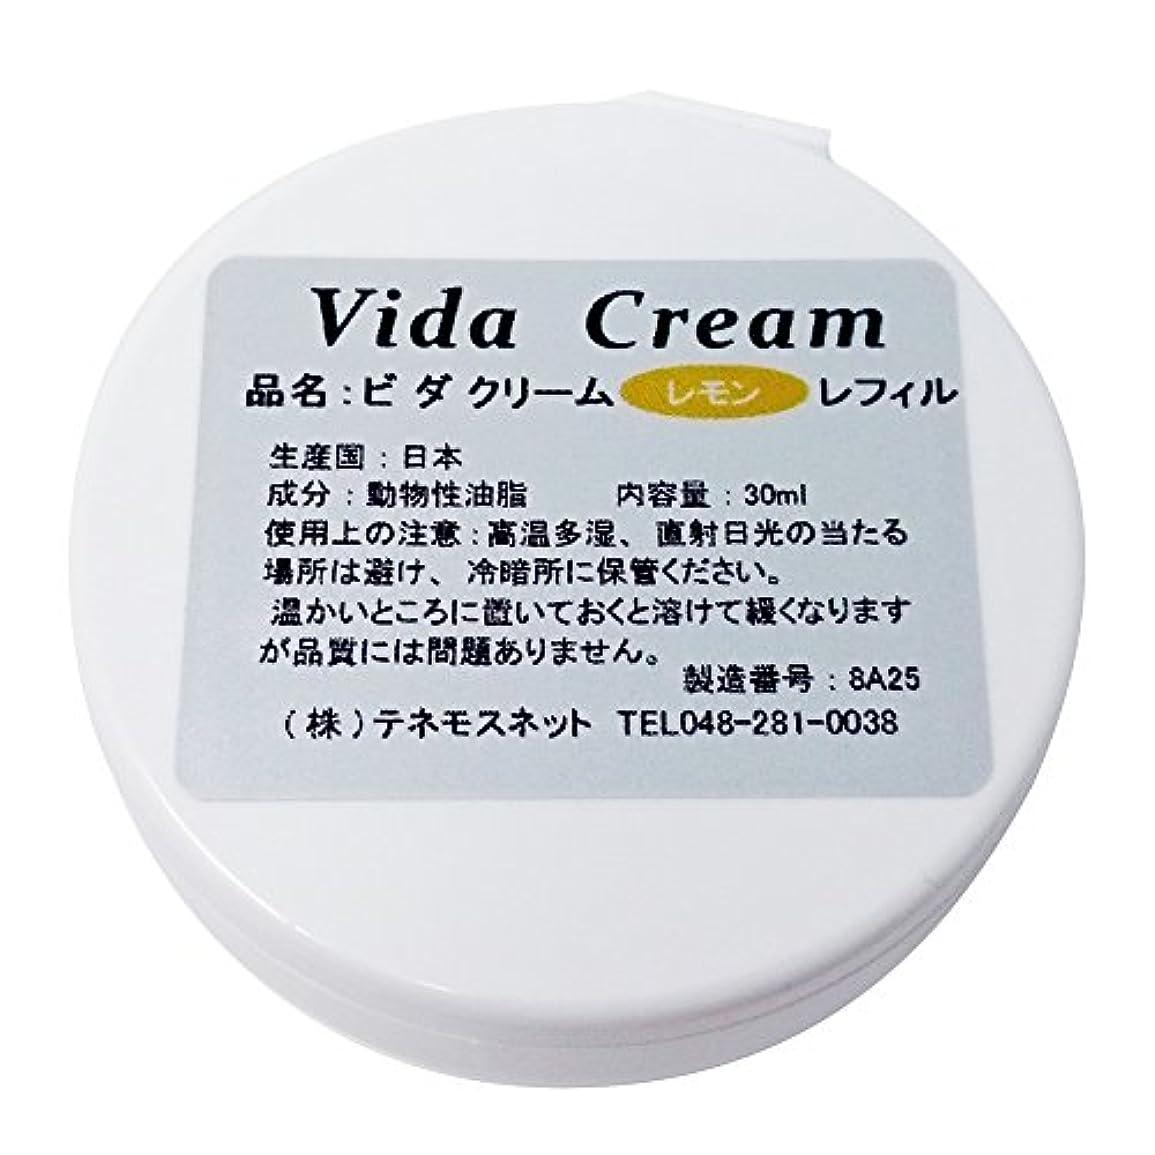 有料不正野なテネモス ビダクリーム Vida Cream ほのかレモン レフィル 付替用 30ml